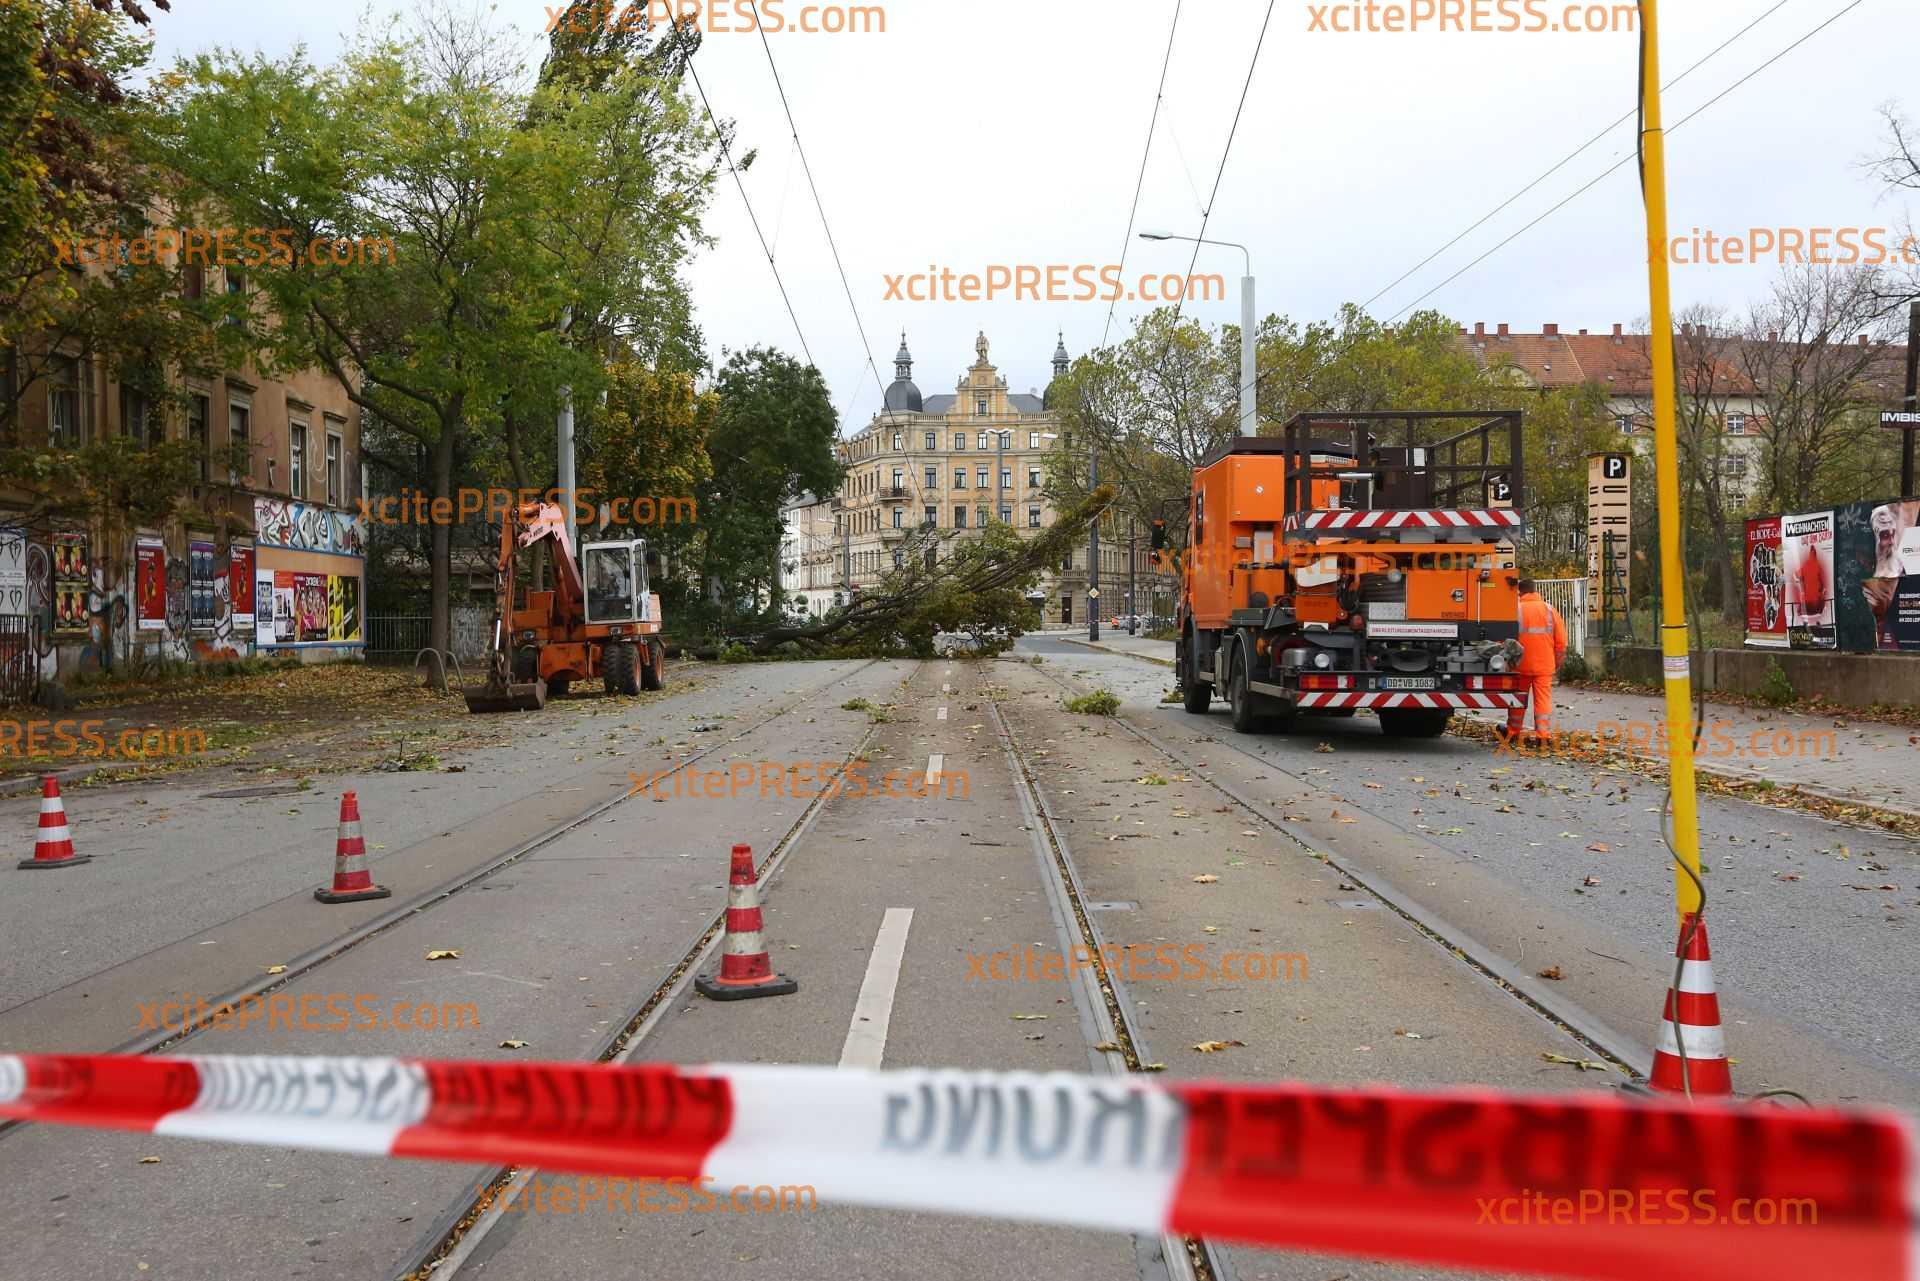 Unzählige Einsätze für die Feuerwehr: Sturmschäden auch in Landeshauptstadt